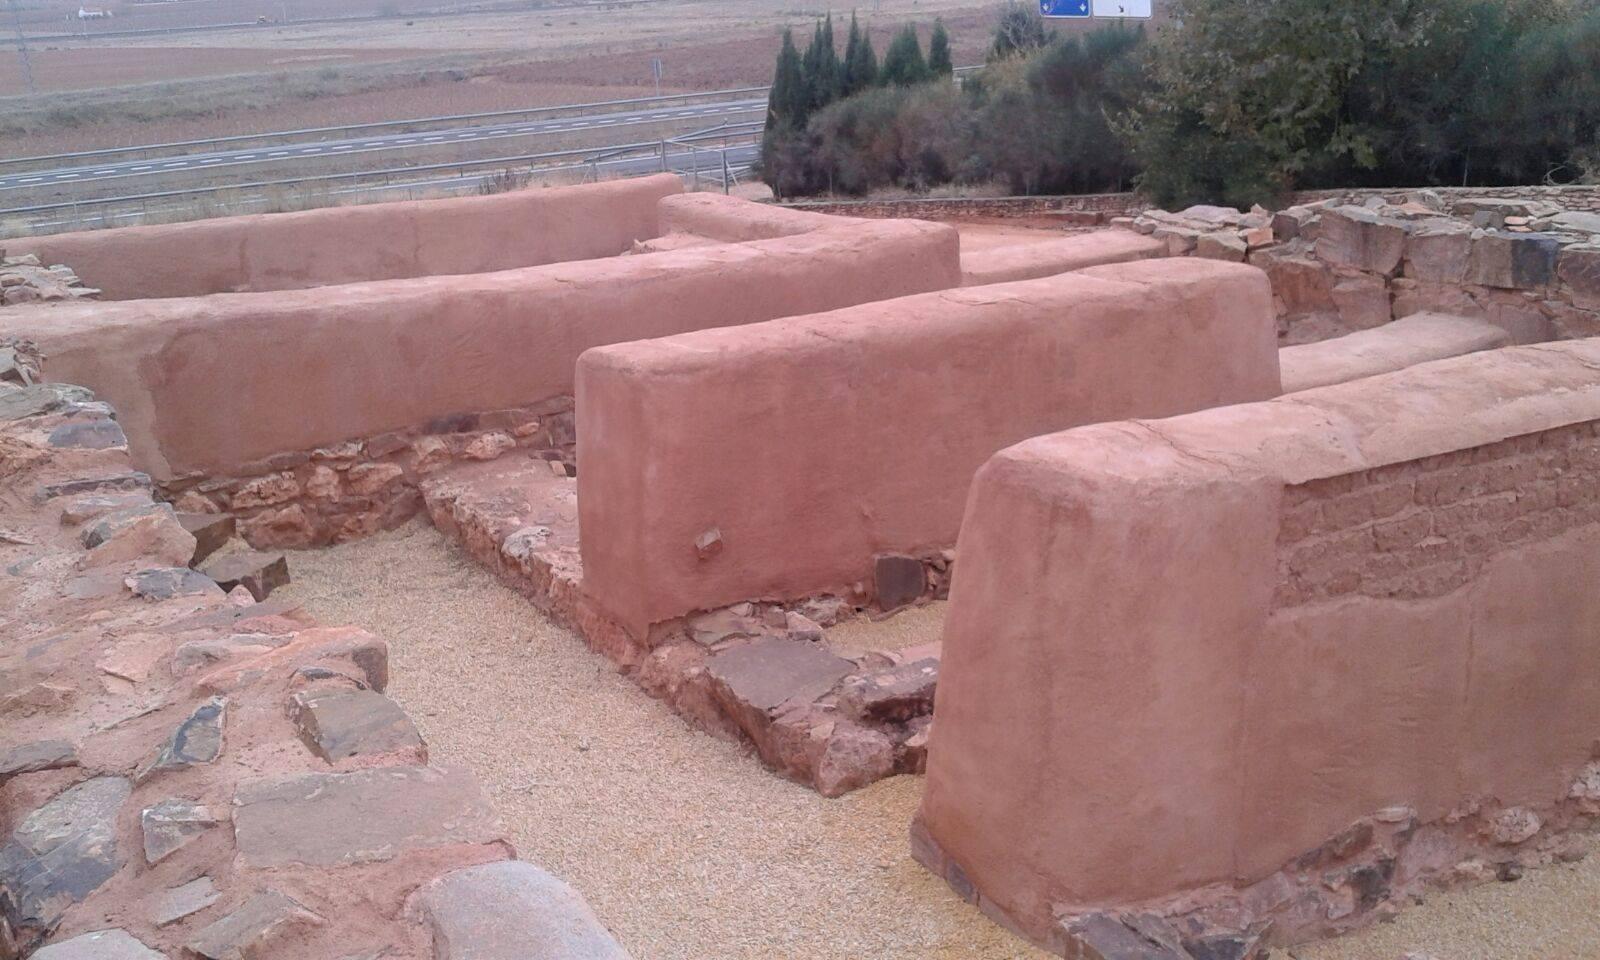 universidad popular herencia visita parques arqueologicos 2 - La Universidad Popular de Herencia visita el Cerro de las Cabezas